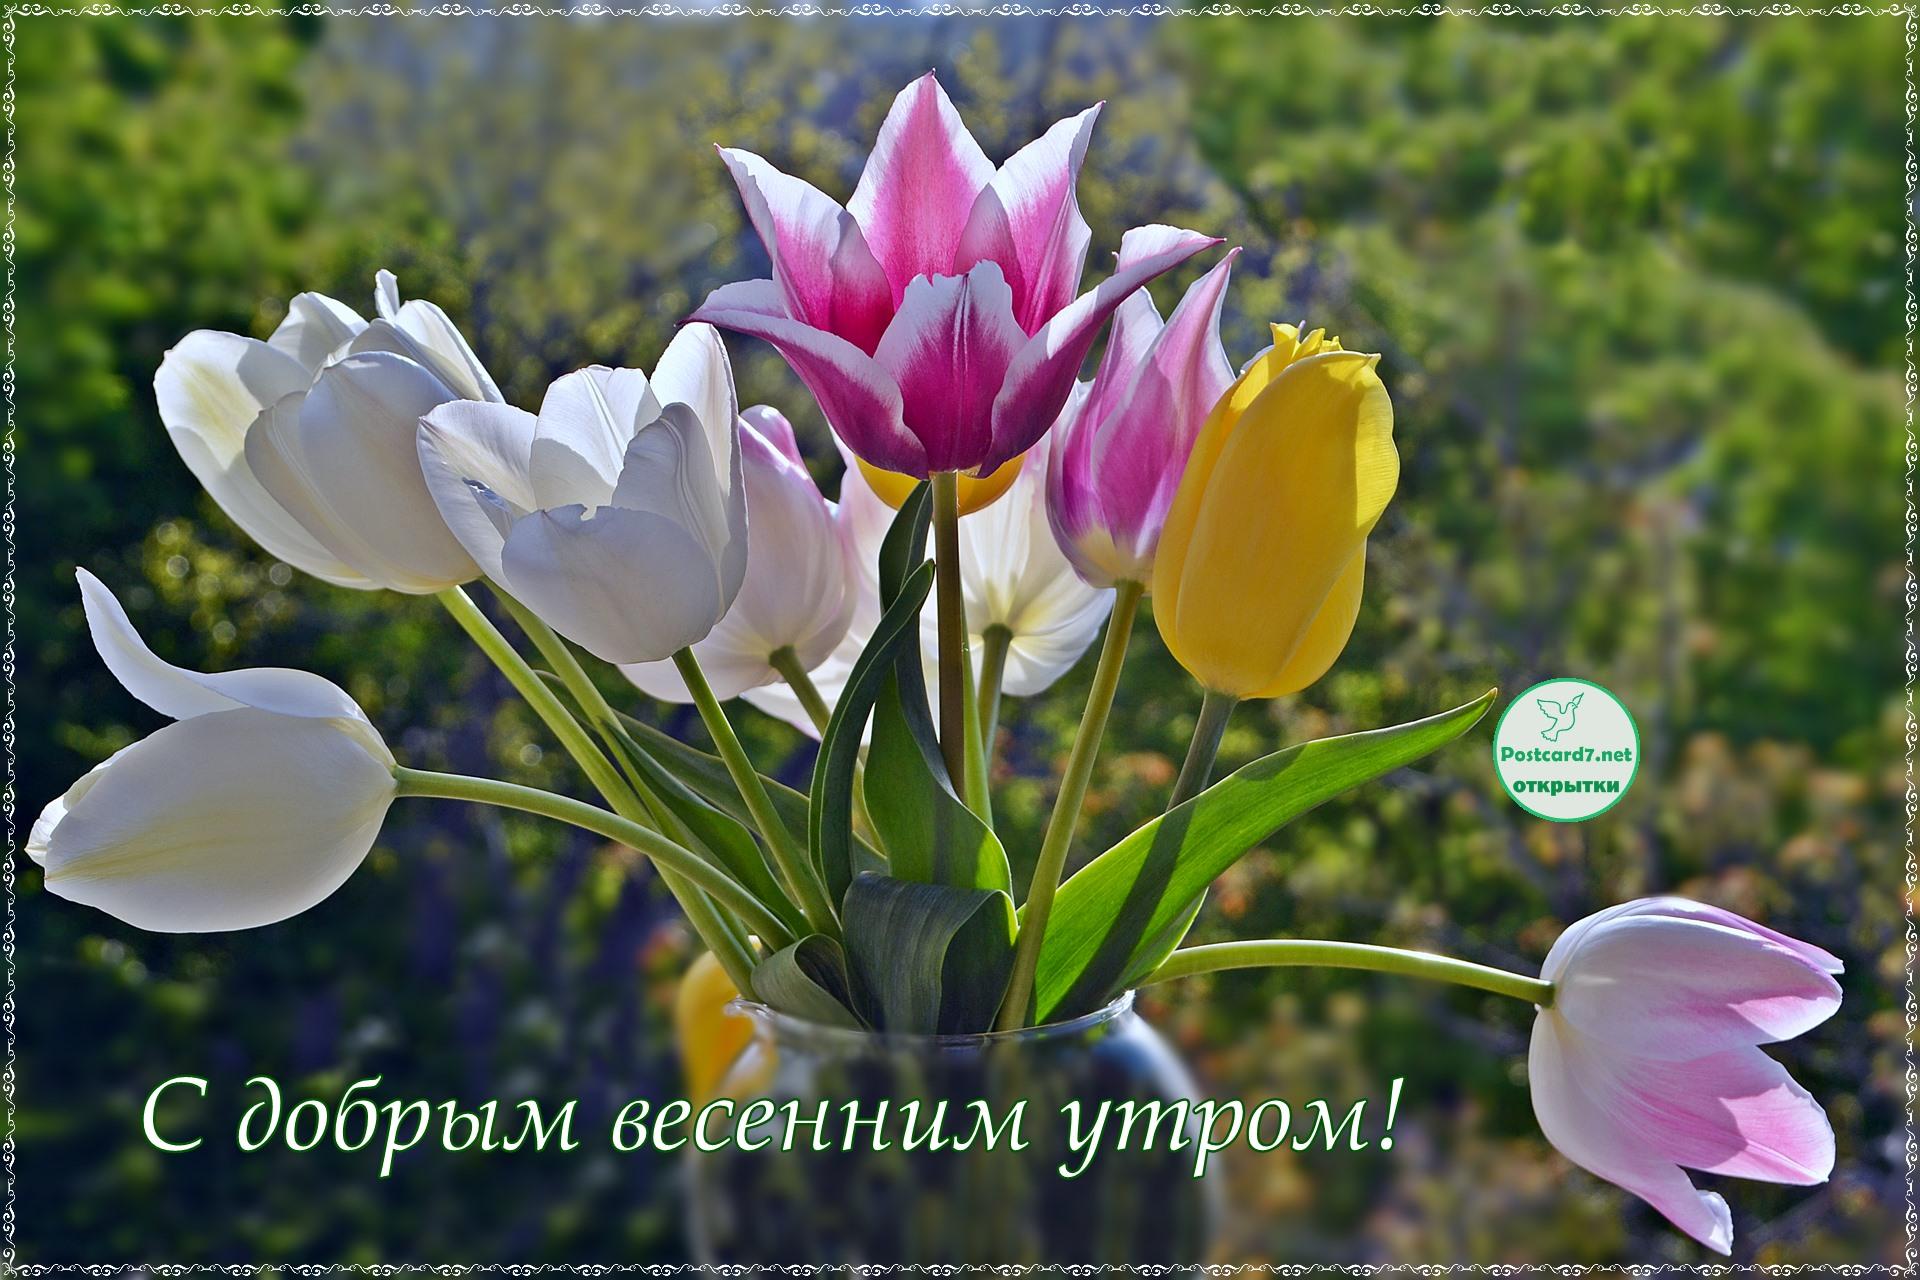 Весеннего утра открытка